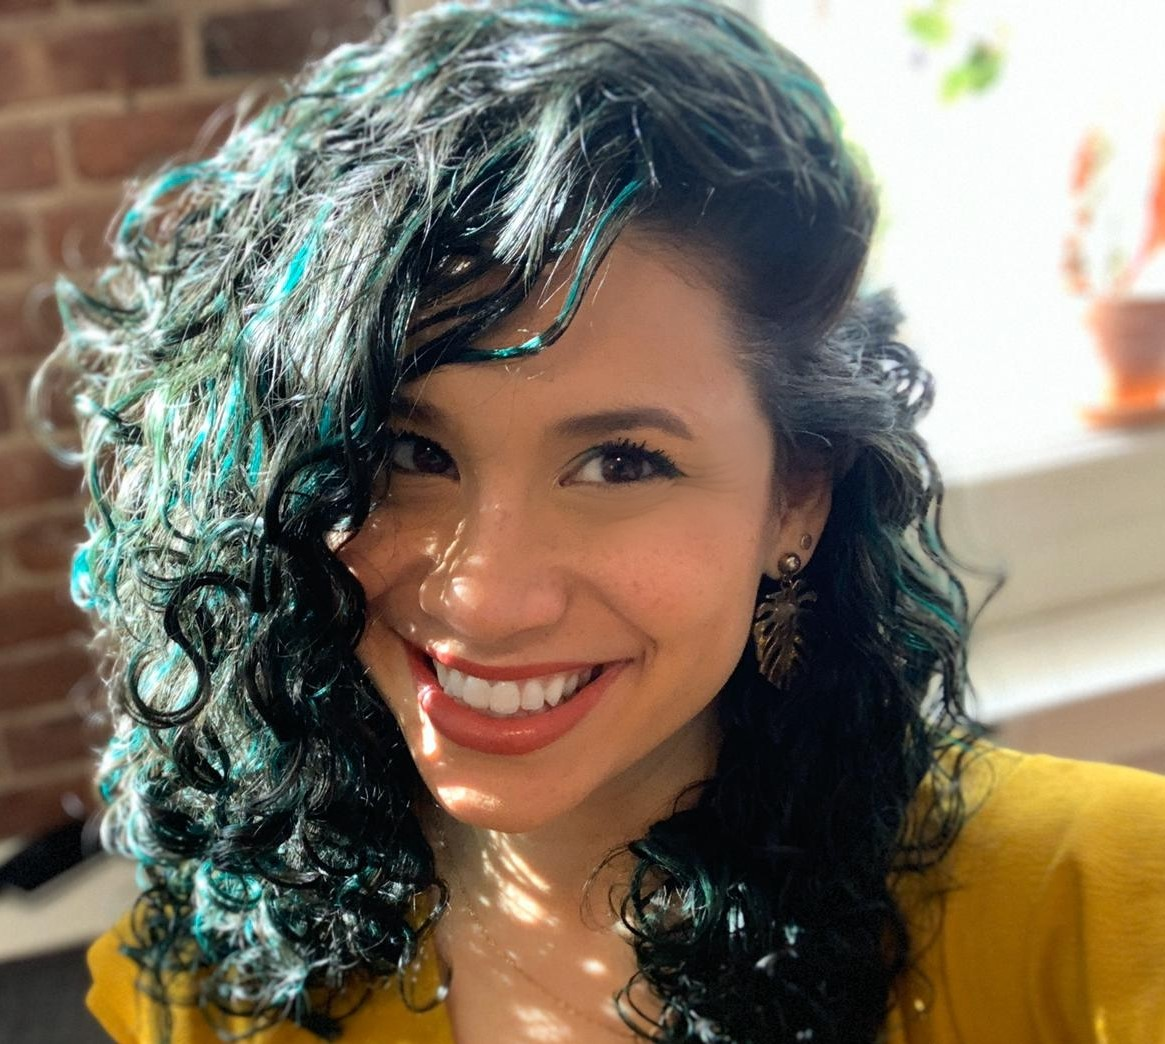 Photo of                                                                                                                                                                                                                                                                                                                                                                                                                                                                                                                                                                                                                                                                                                                                                                                                                                                                                                                                                                                                                                                                                                                 Carla                                                                                                                                                                                                                                                                                                                                                                                                                                                                                                                                                                                                                                                                                                                                                                                                                                                                                                                                                  